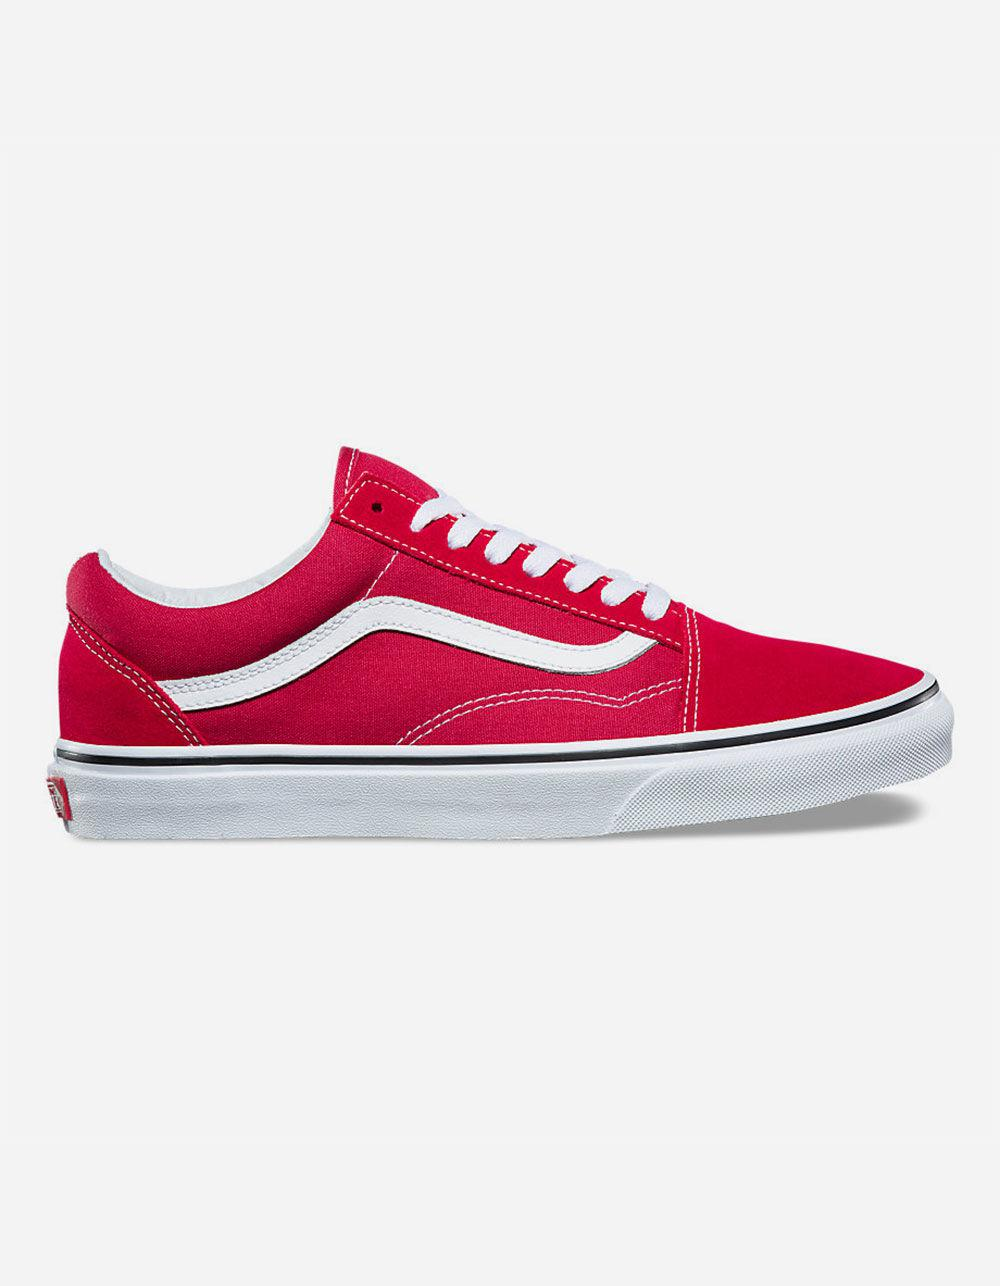 734779b628 Lyst - Vans Old Skool Crimson   True White Shoes in Red for Men